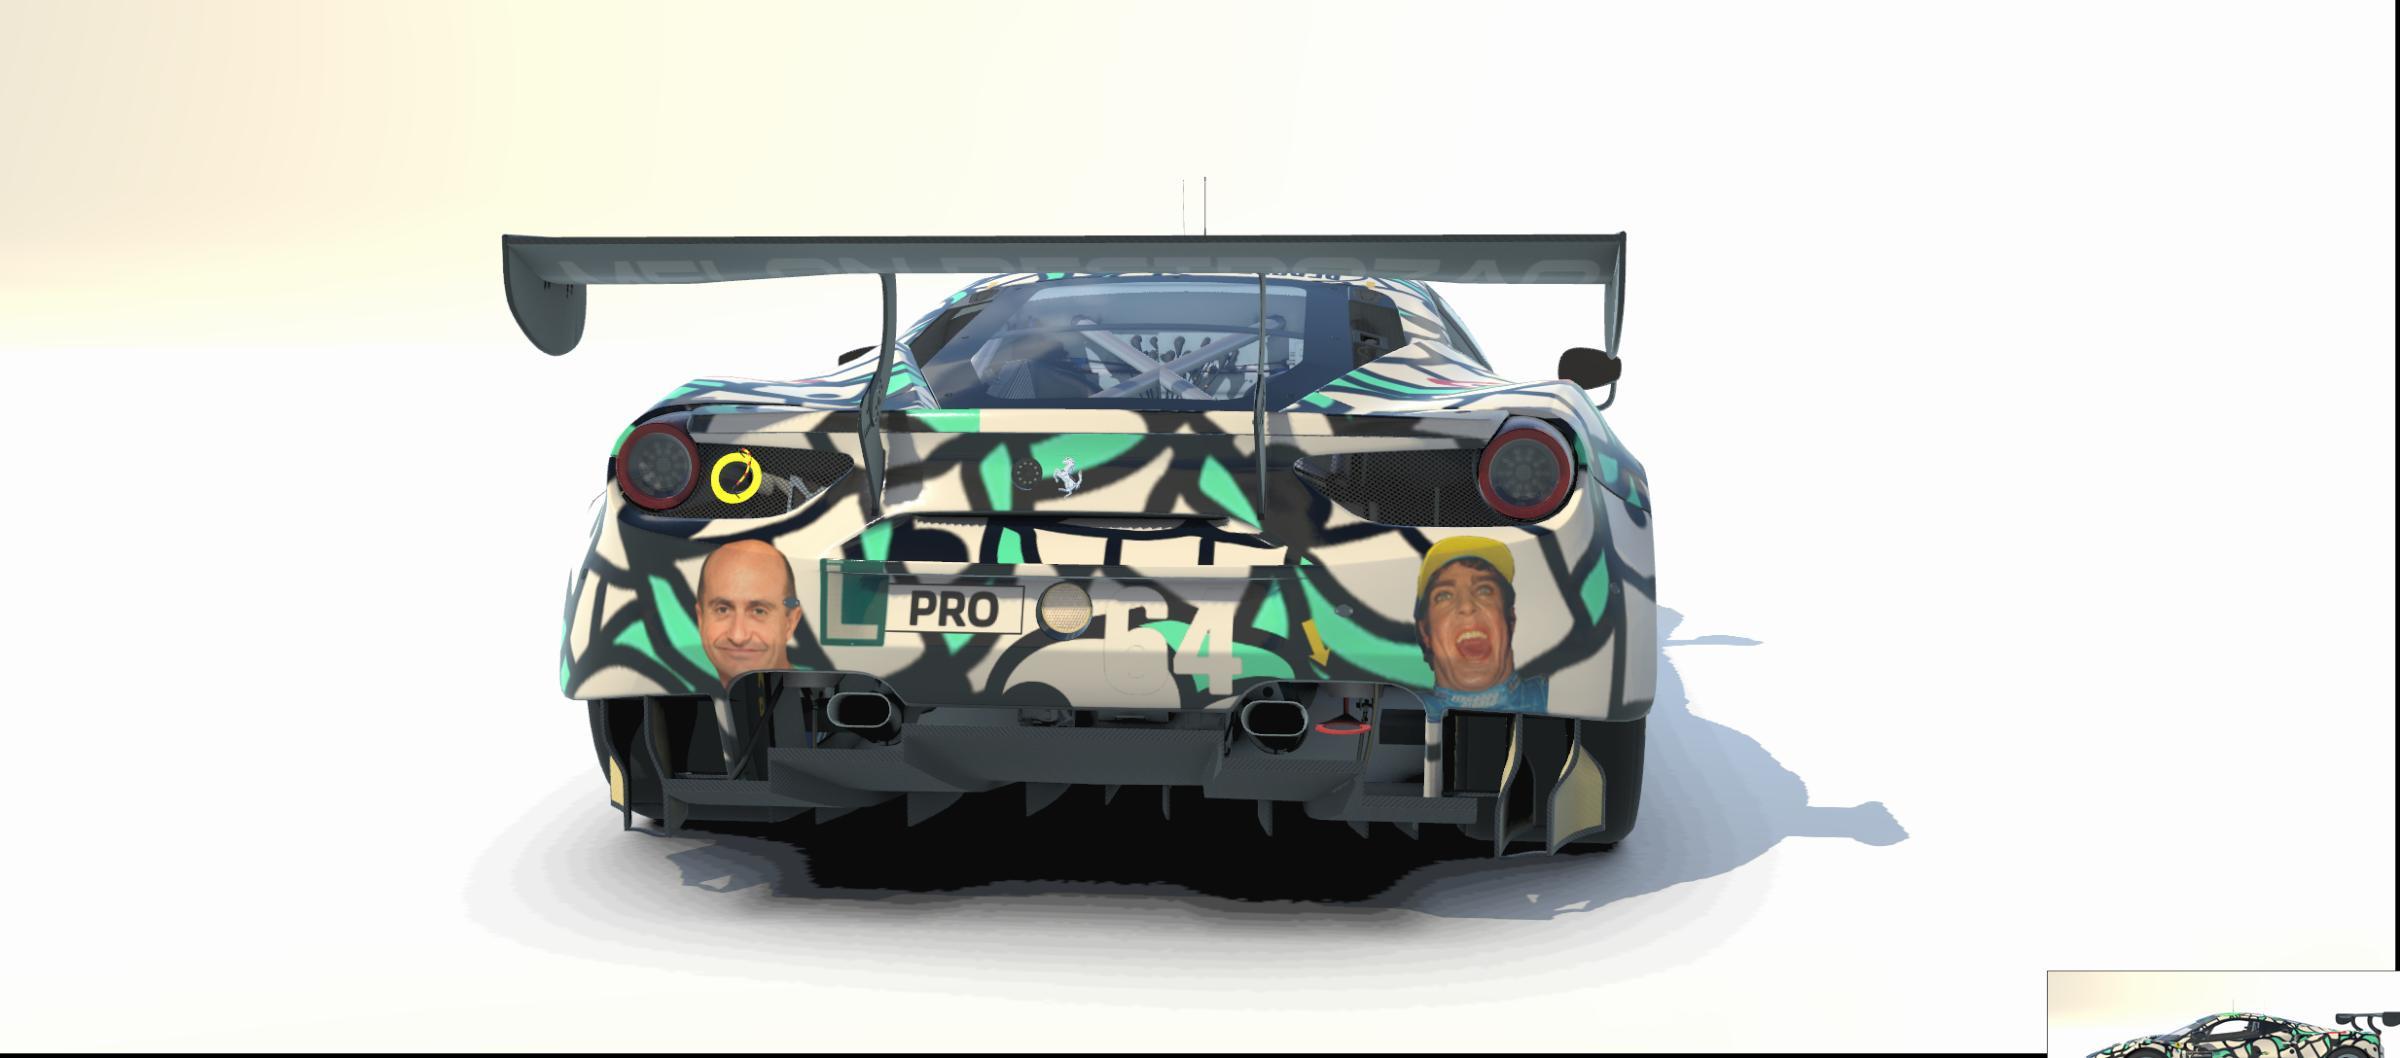 Preview of Ferrari EVO GT3 - Forocoches :roto2: Edition by Marco Antonio Lopez Salgado2